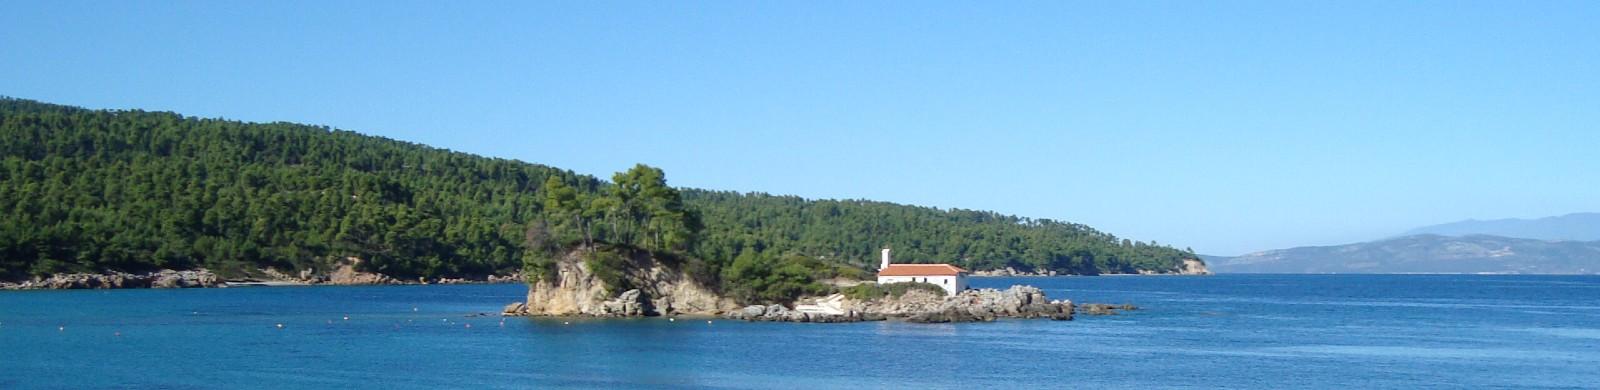 Evia ostrvo, letovanje grcka apartmani